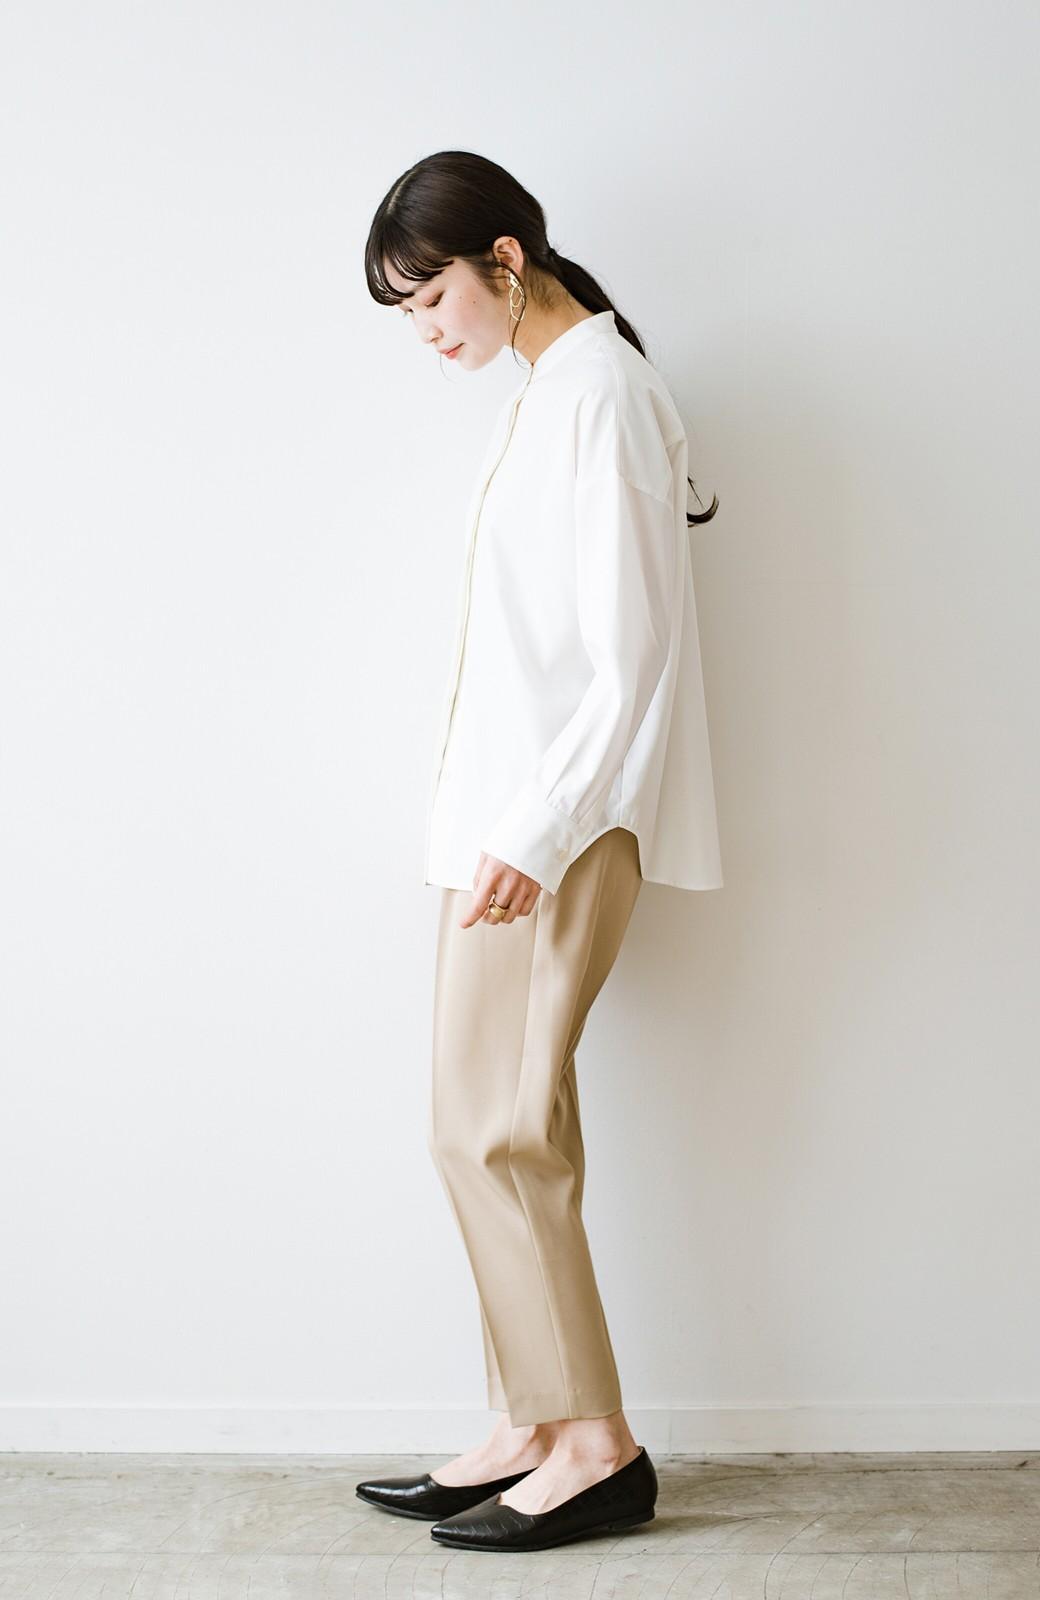 haco! 【防水】普段もお仕事も雨の日も!さっと履いて女っぽい Vカットが足をきれいに見せてくれるフラットパンプス <ブラック>の商品写真14